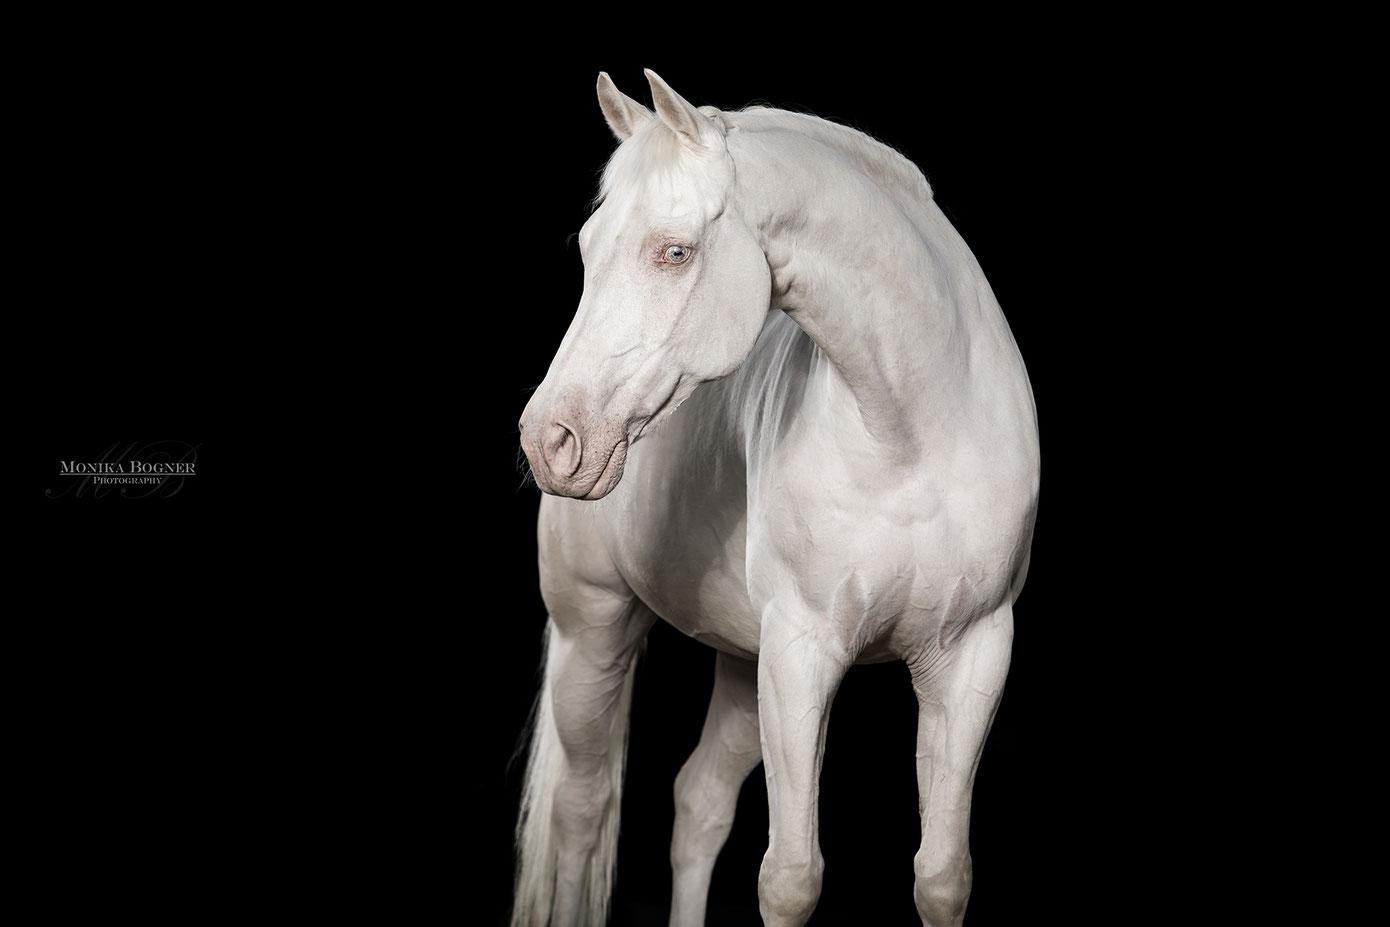 Pferde im Studio, Pferde vor schwarzem Hintergrund, Pferdefotografie, Warmblut